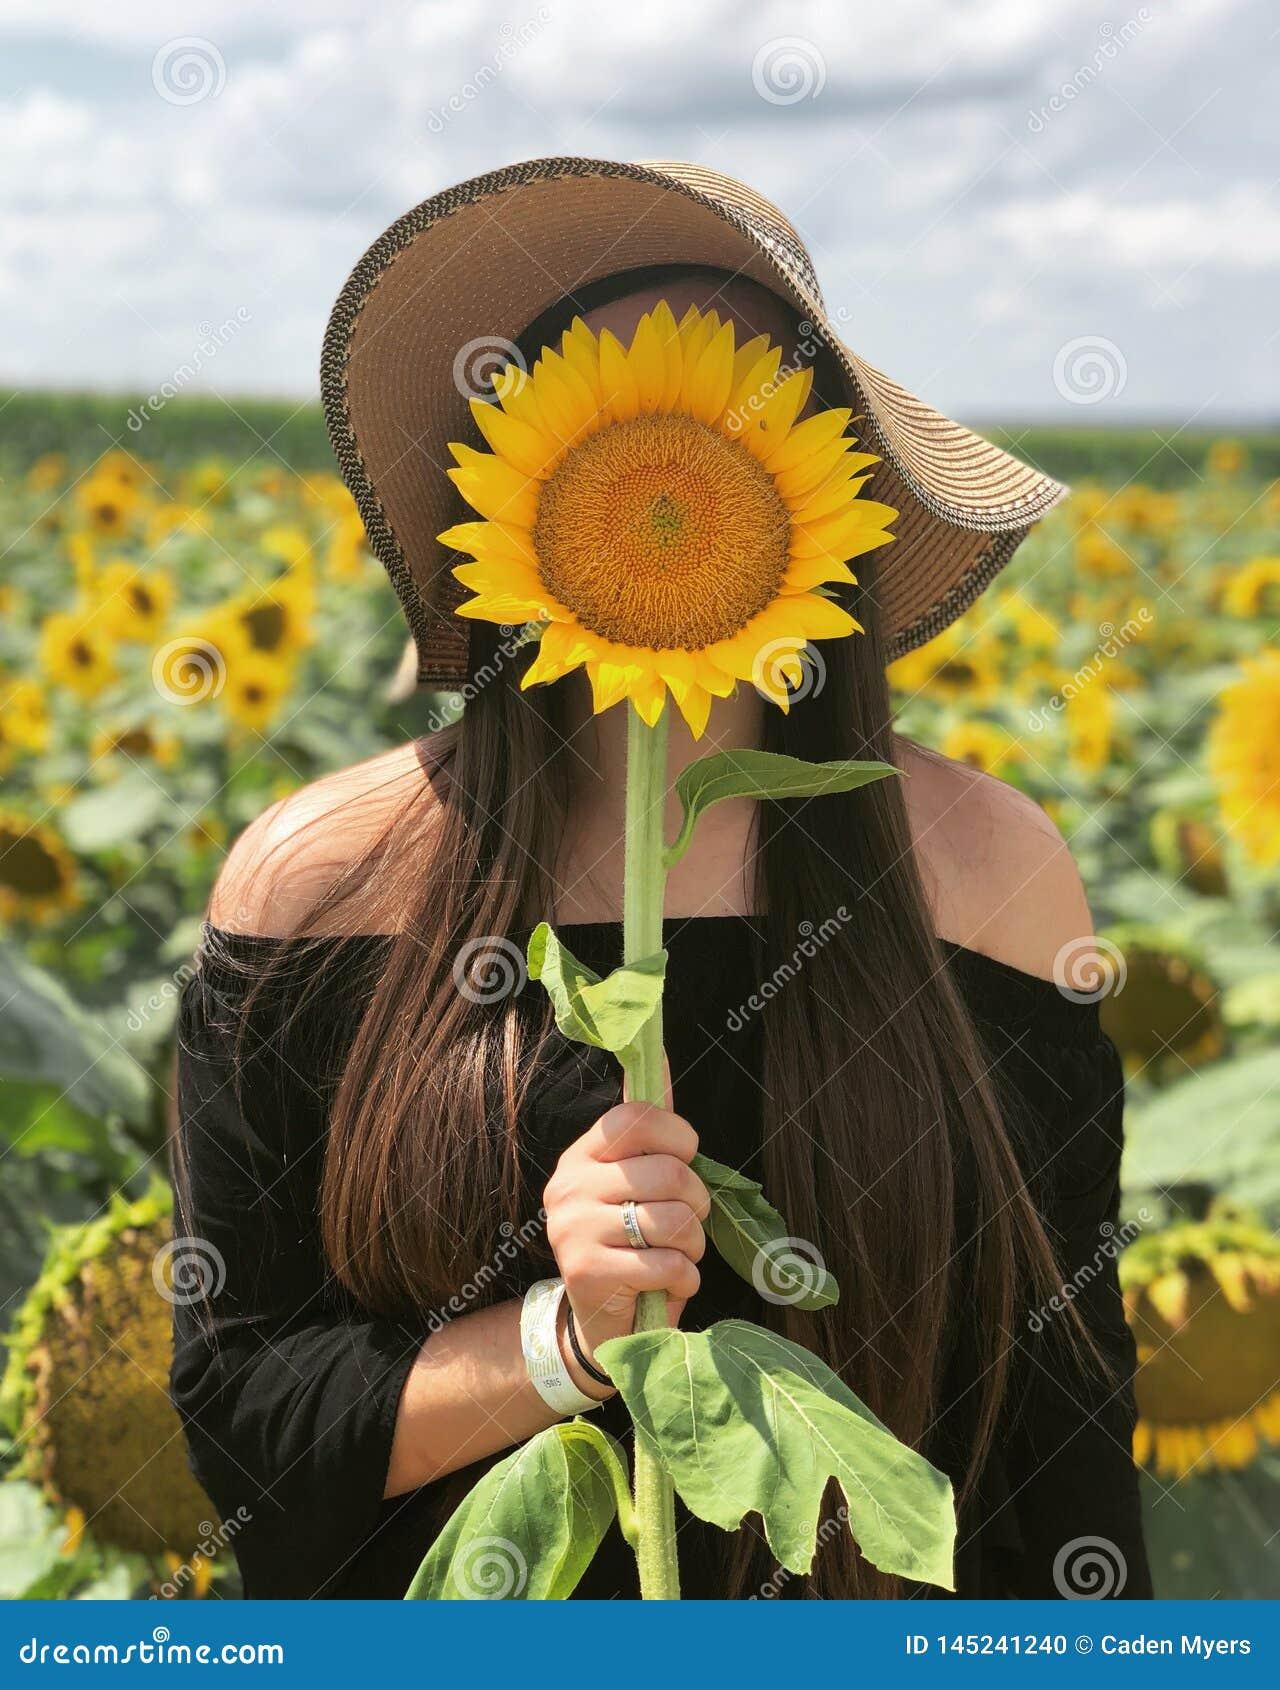 Sunflower Sunday